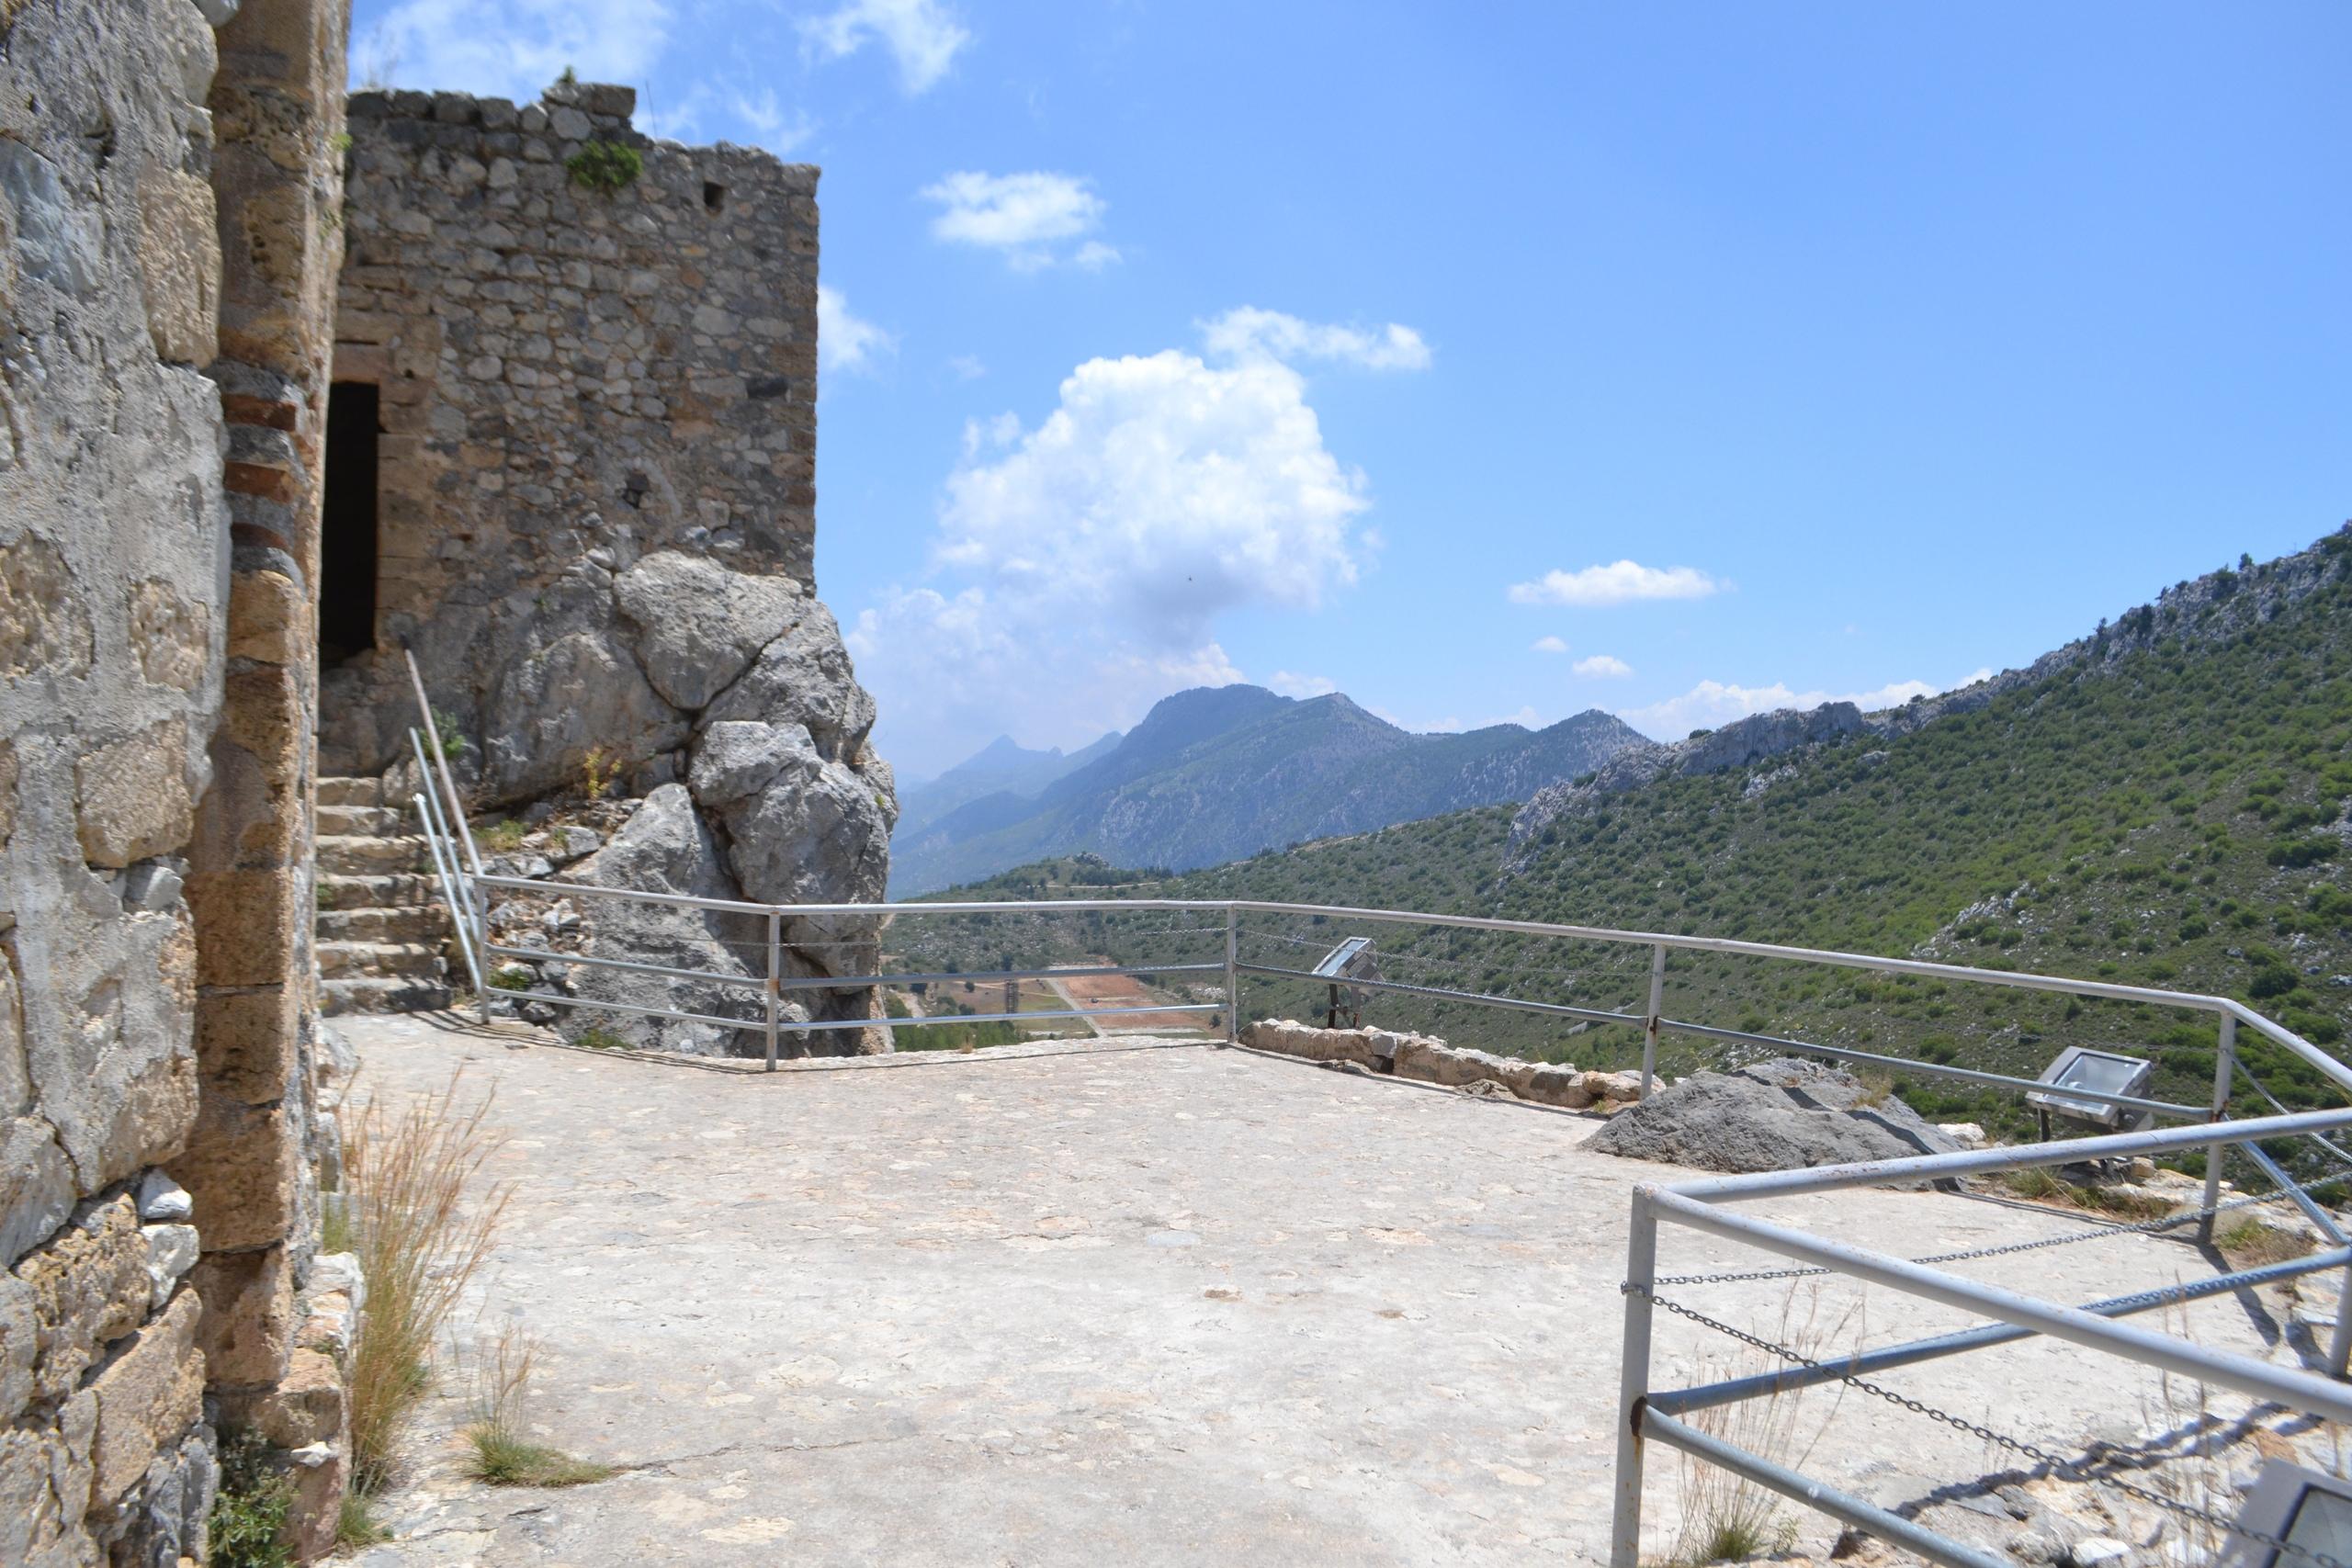 Северный Кипр. Замок Святого Иллариона. (фото). S8zkkz93MFw